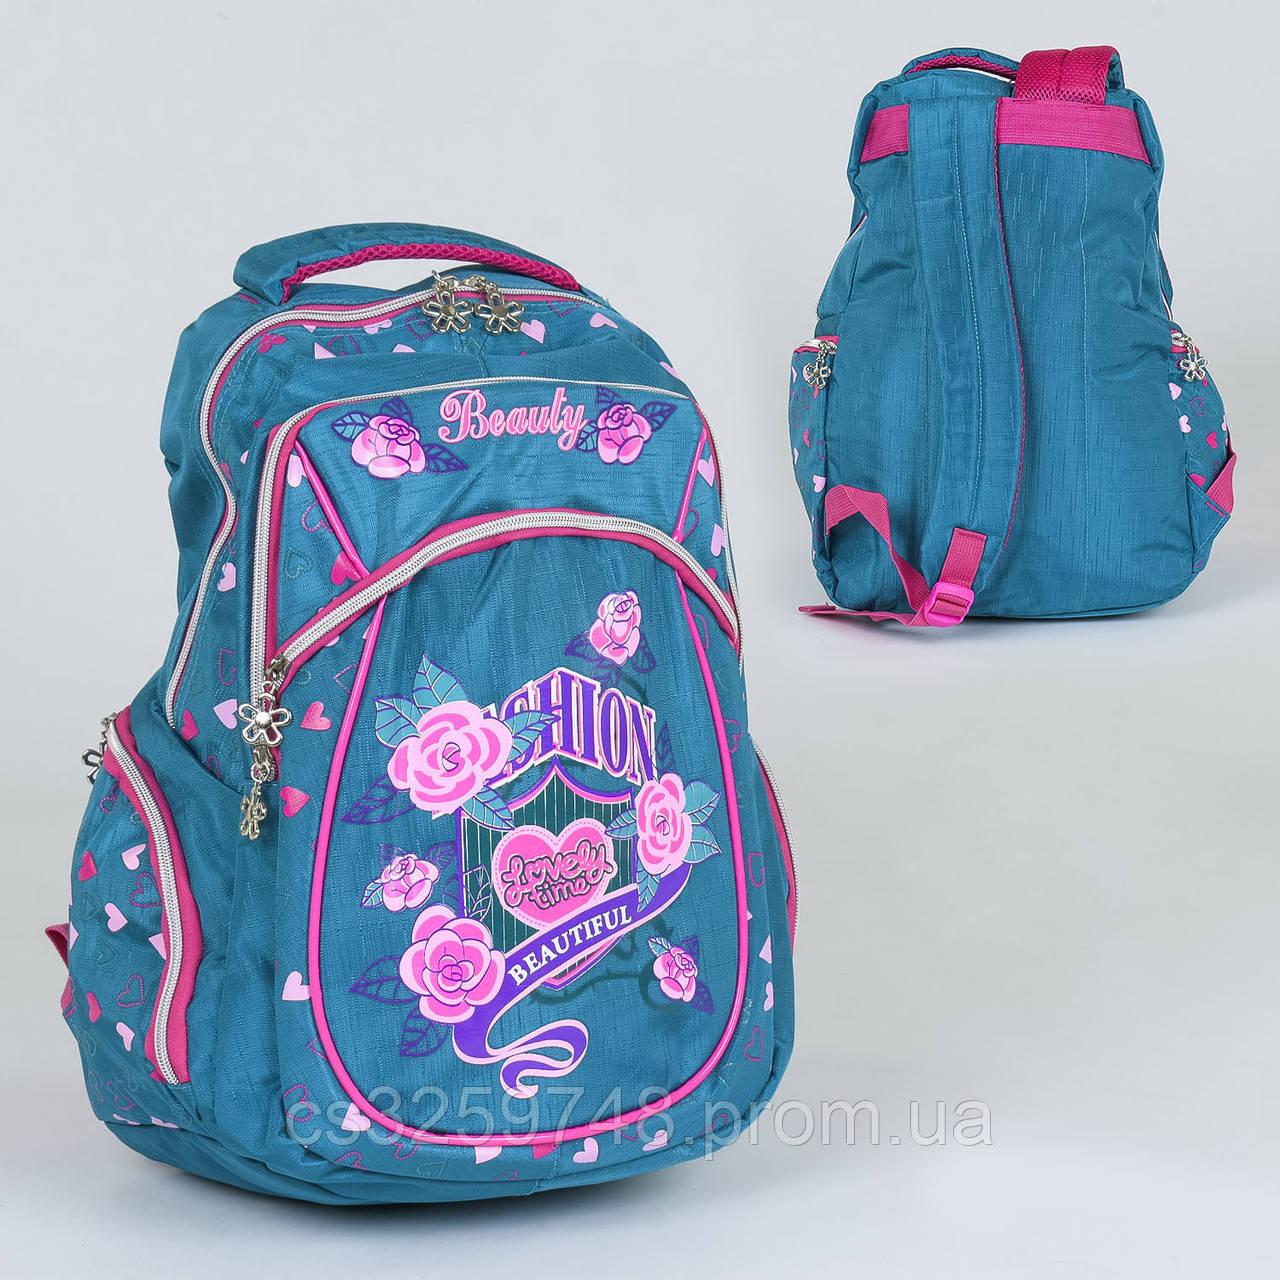 Рюкзак школьный C 36315, 2 отделения, 3 кармана